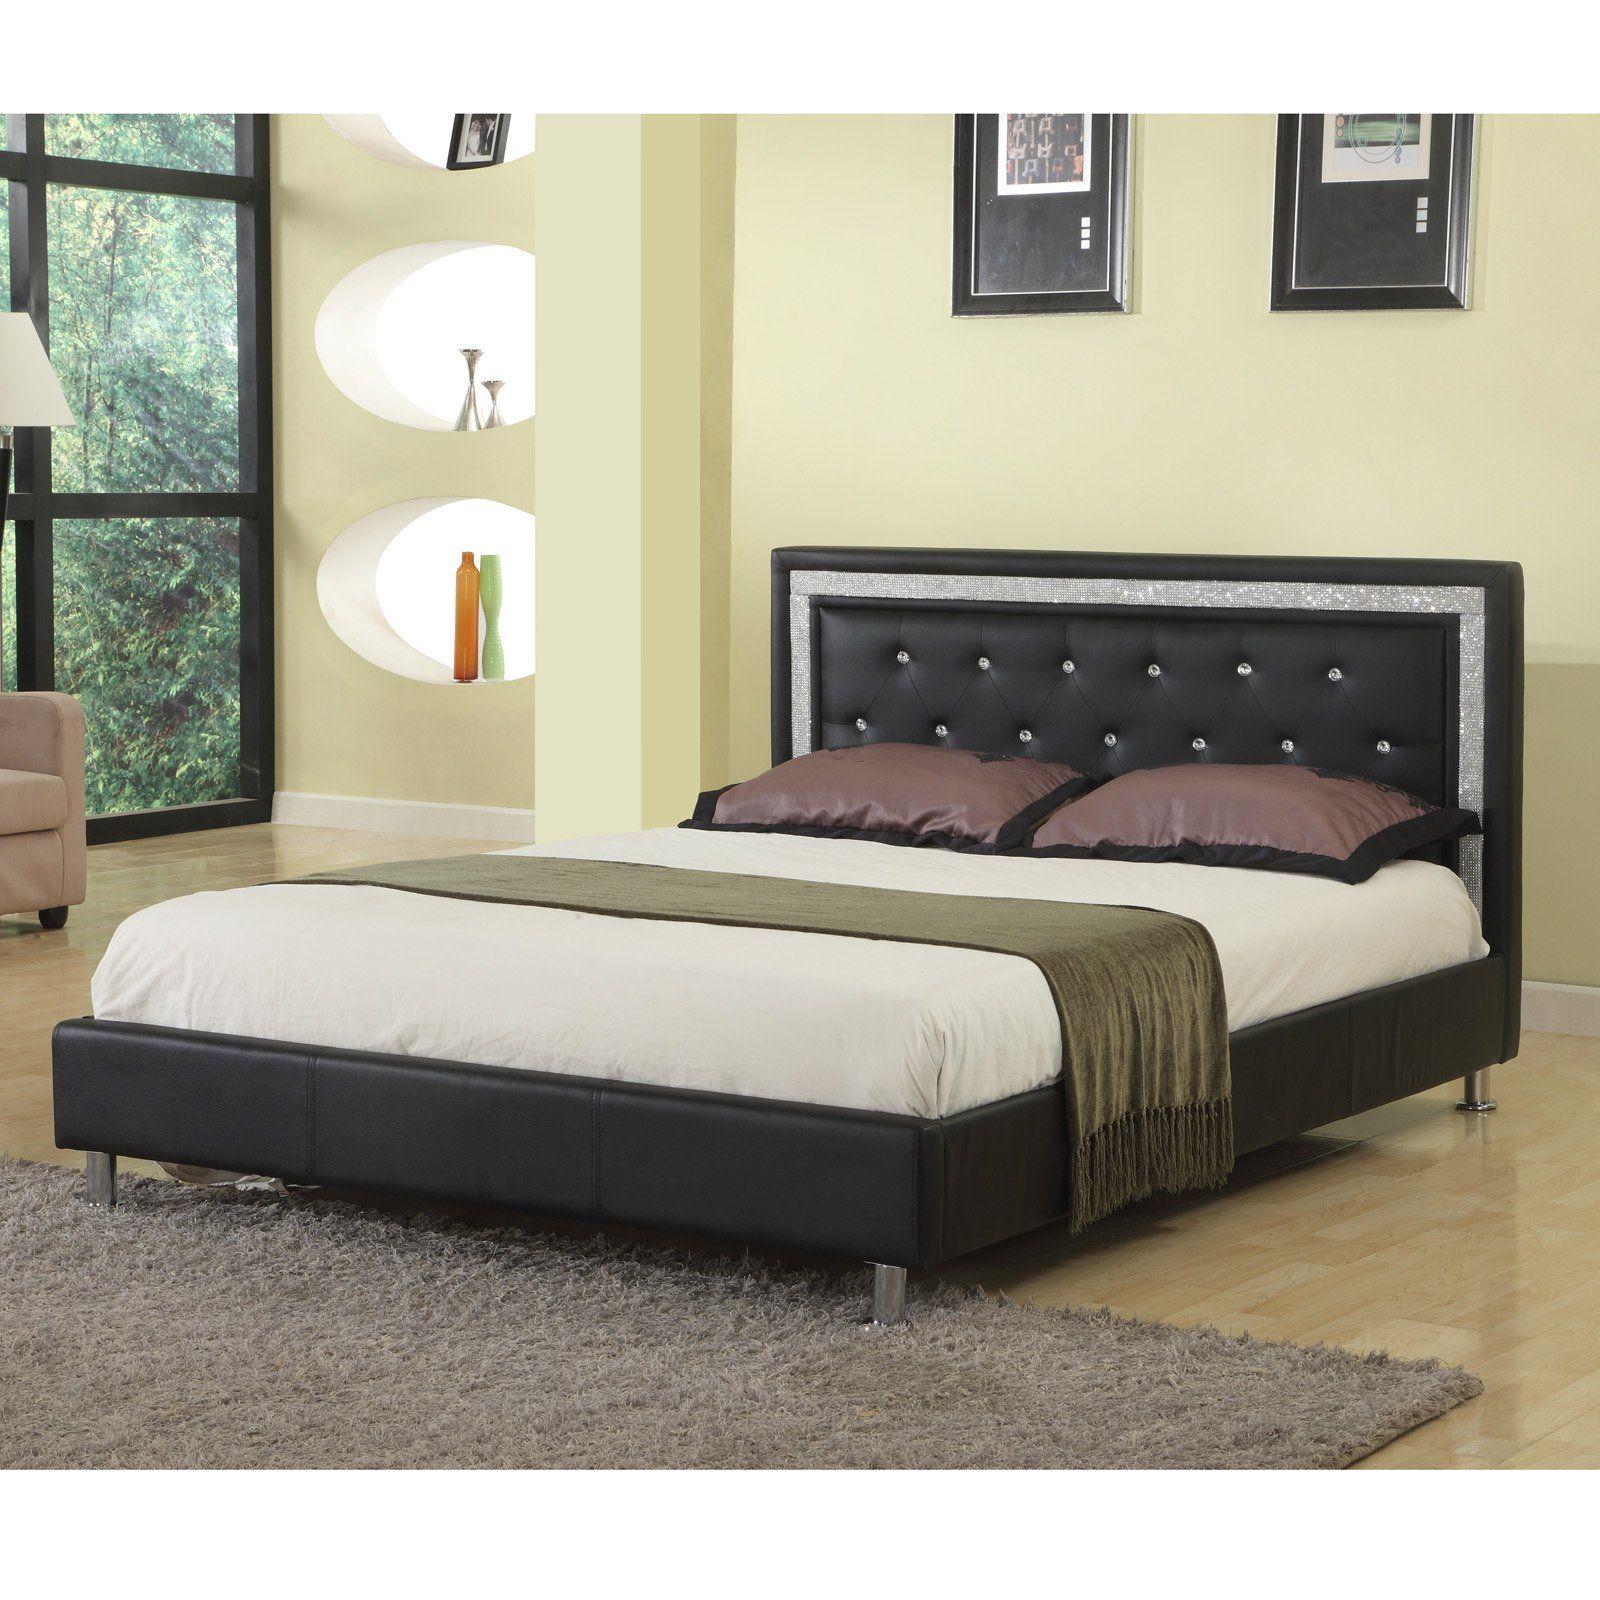 Best Master Furniture Faux Leather Platform Bed Black